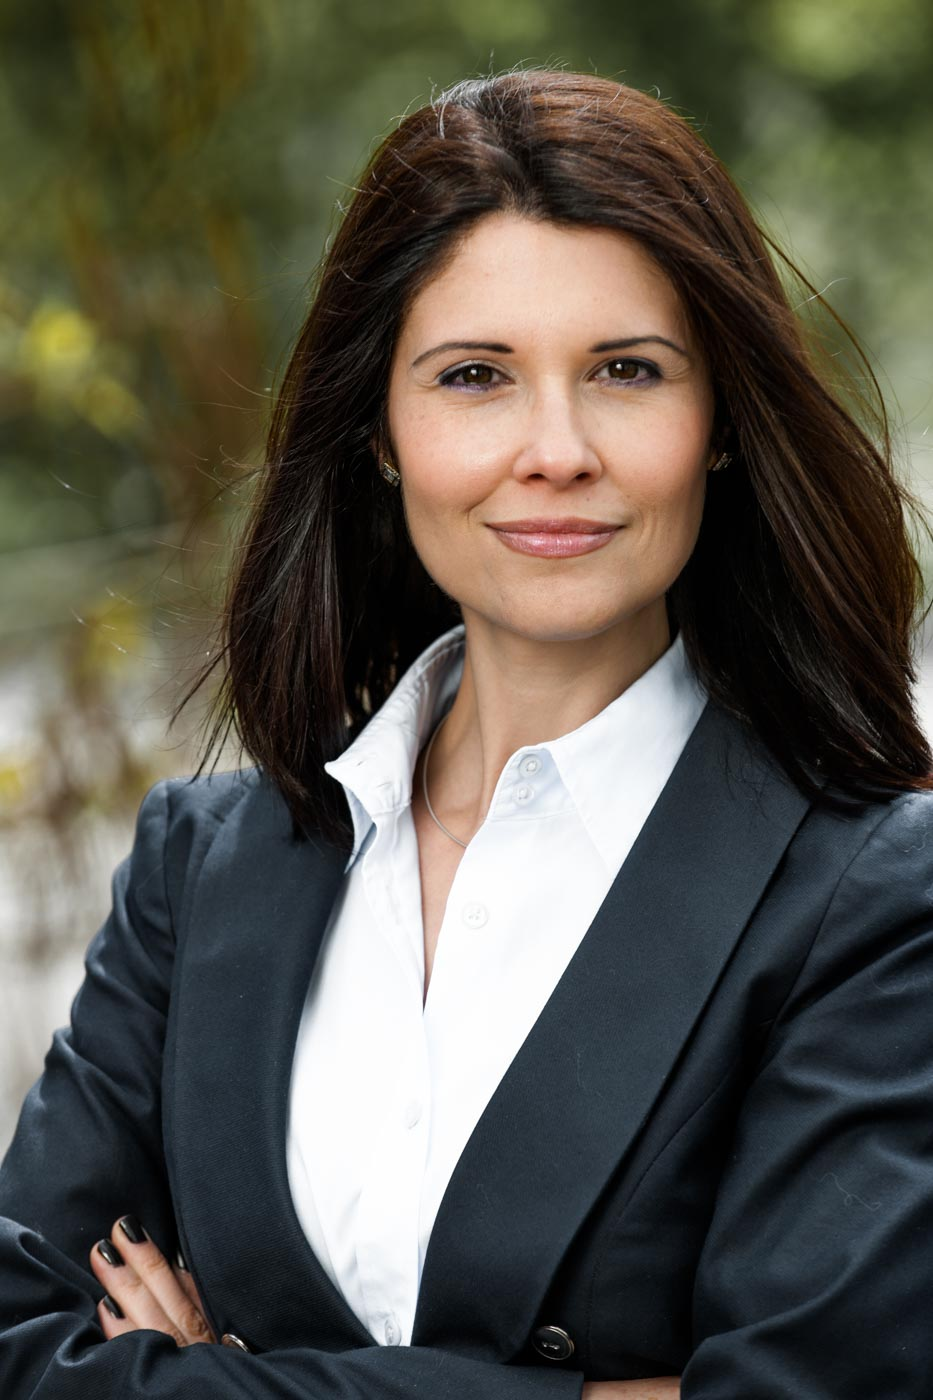 Katja-Ravenstein-Yaph-Business-Portrait-13